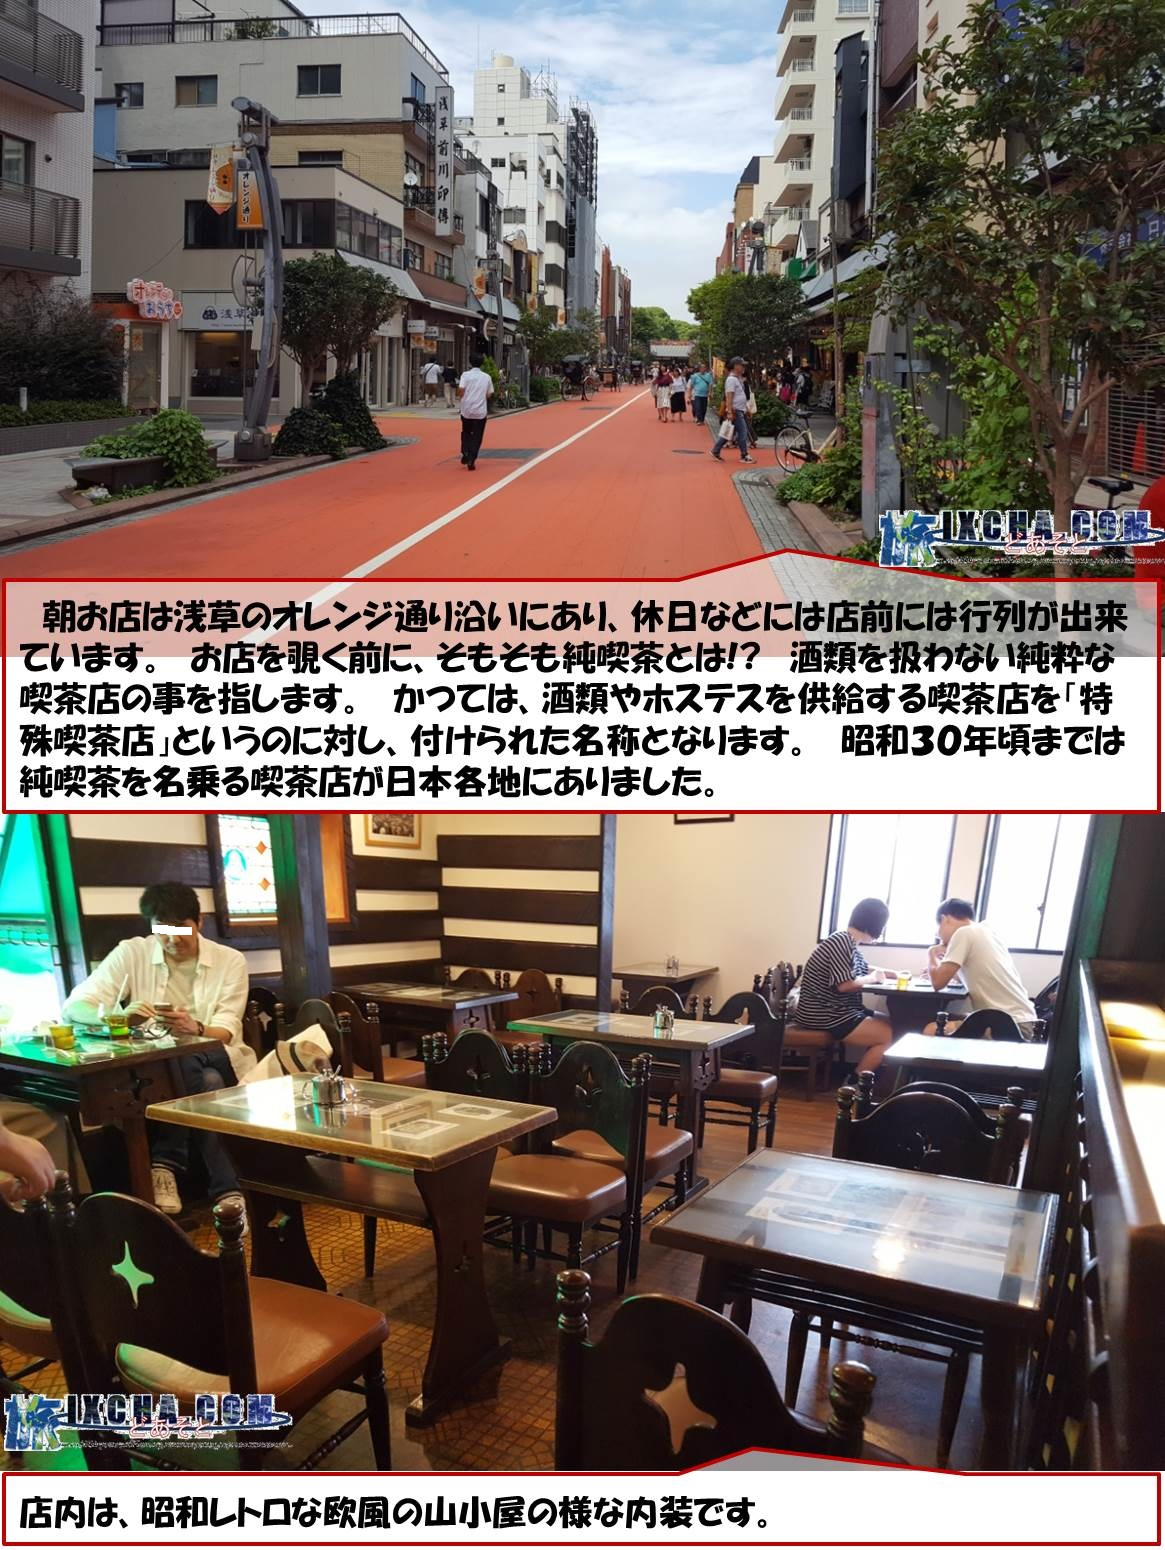 朝お店は浅草のオレンジ通り沿いにあり、休日などには店前には行列が出来ています。 お店を覗く前に、そもそも純喫茶とは!? 酒類を扱わない純粋な喫茶店の事を指します。 かつては、酒類やホステスを供給する喫茶店を「特殊喫茶店」というのに対し、付けられた名称となります。 昭和30年頃までは純喫茶を名乗る喫茶店が日本各地にありました。 店内は、昭和レトロな欧風の山小屋の様な内装です。